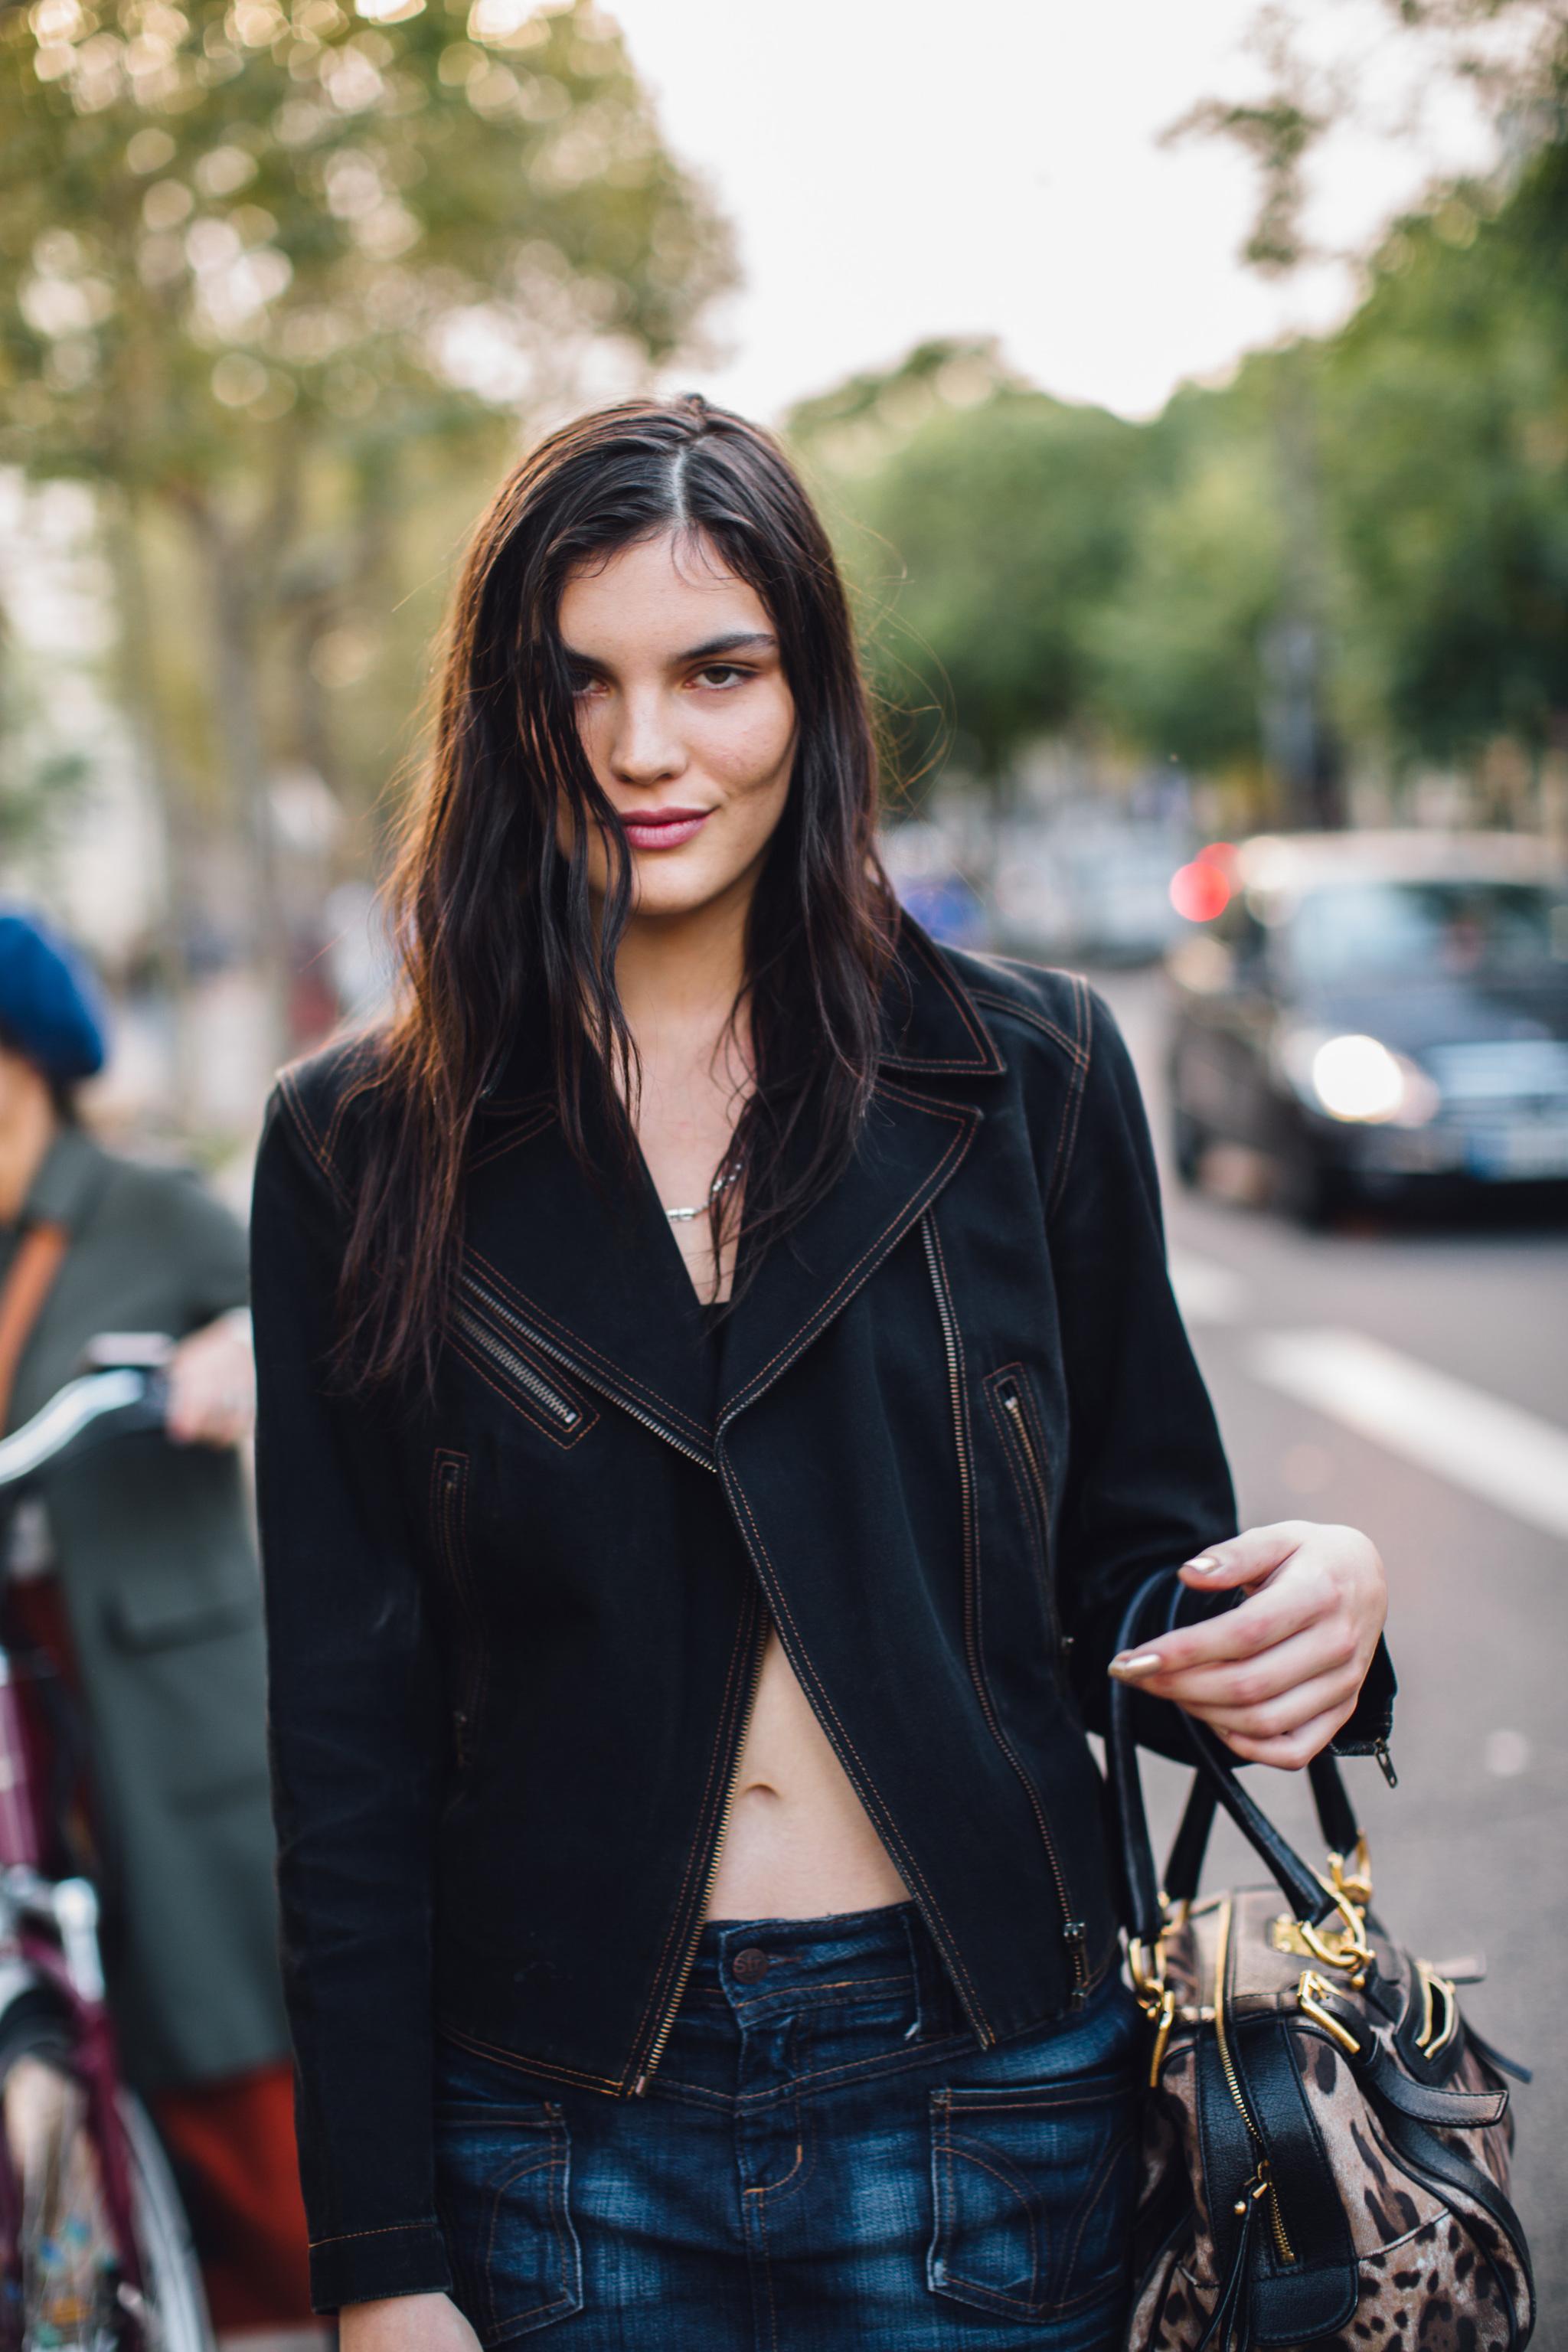 Las uñas metalizadas se convierten en la tendencia de manicura inesperada de las parisinas.